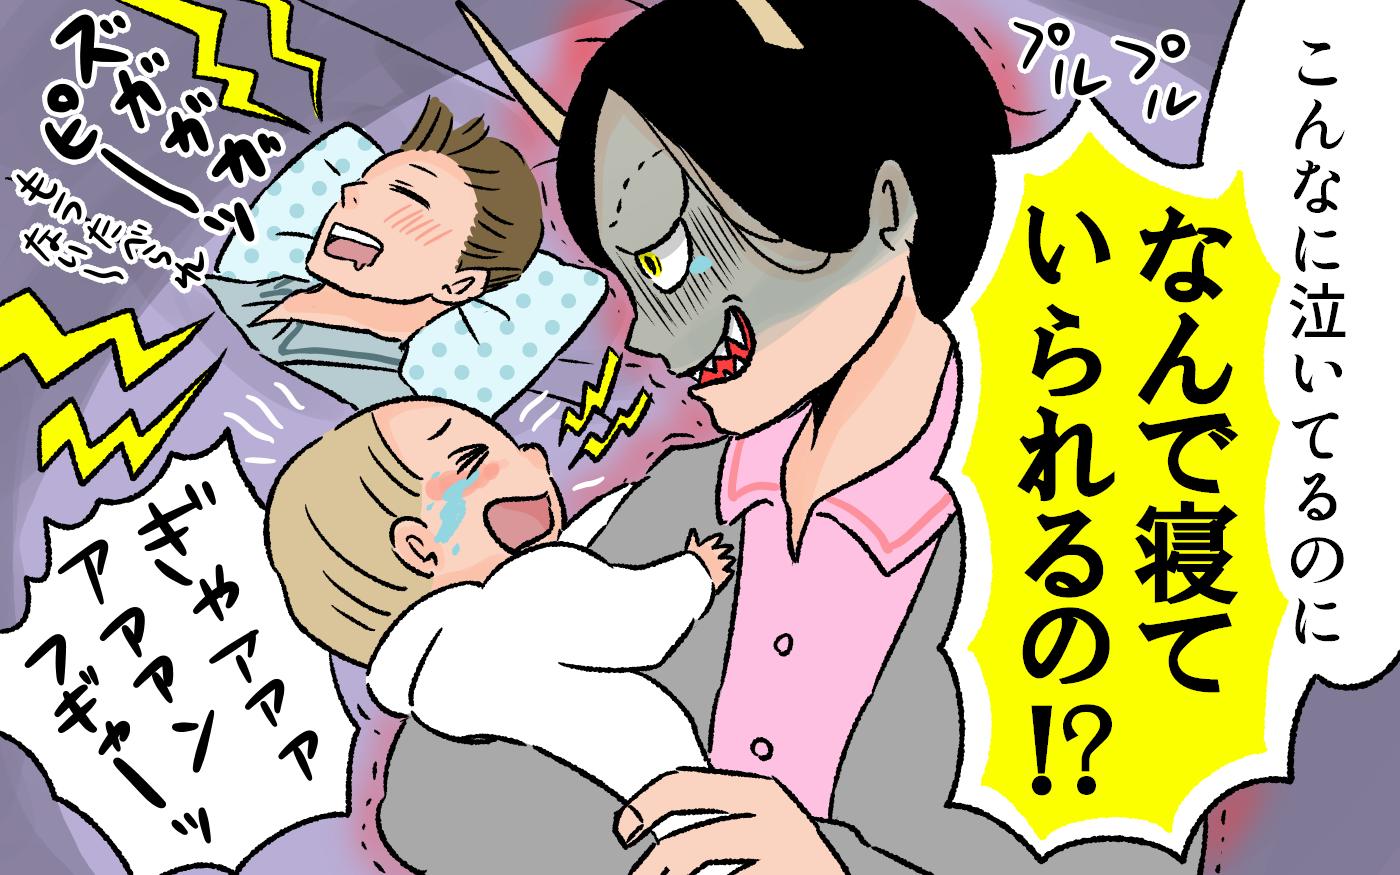 産後クライシスの実情 子どもができてからの夫婦仲、どう整える? (前編)